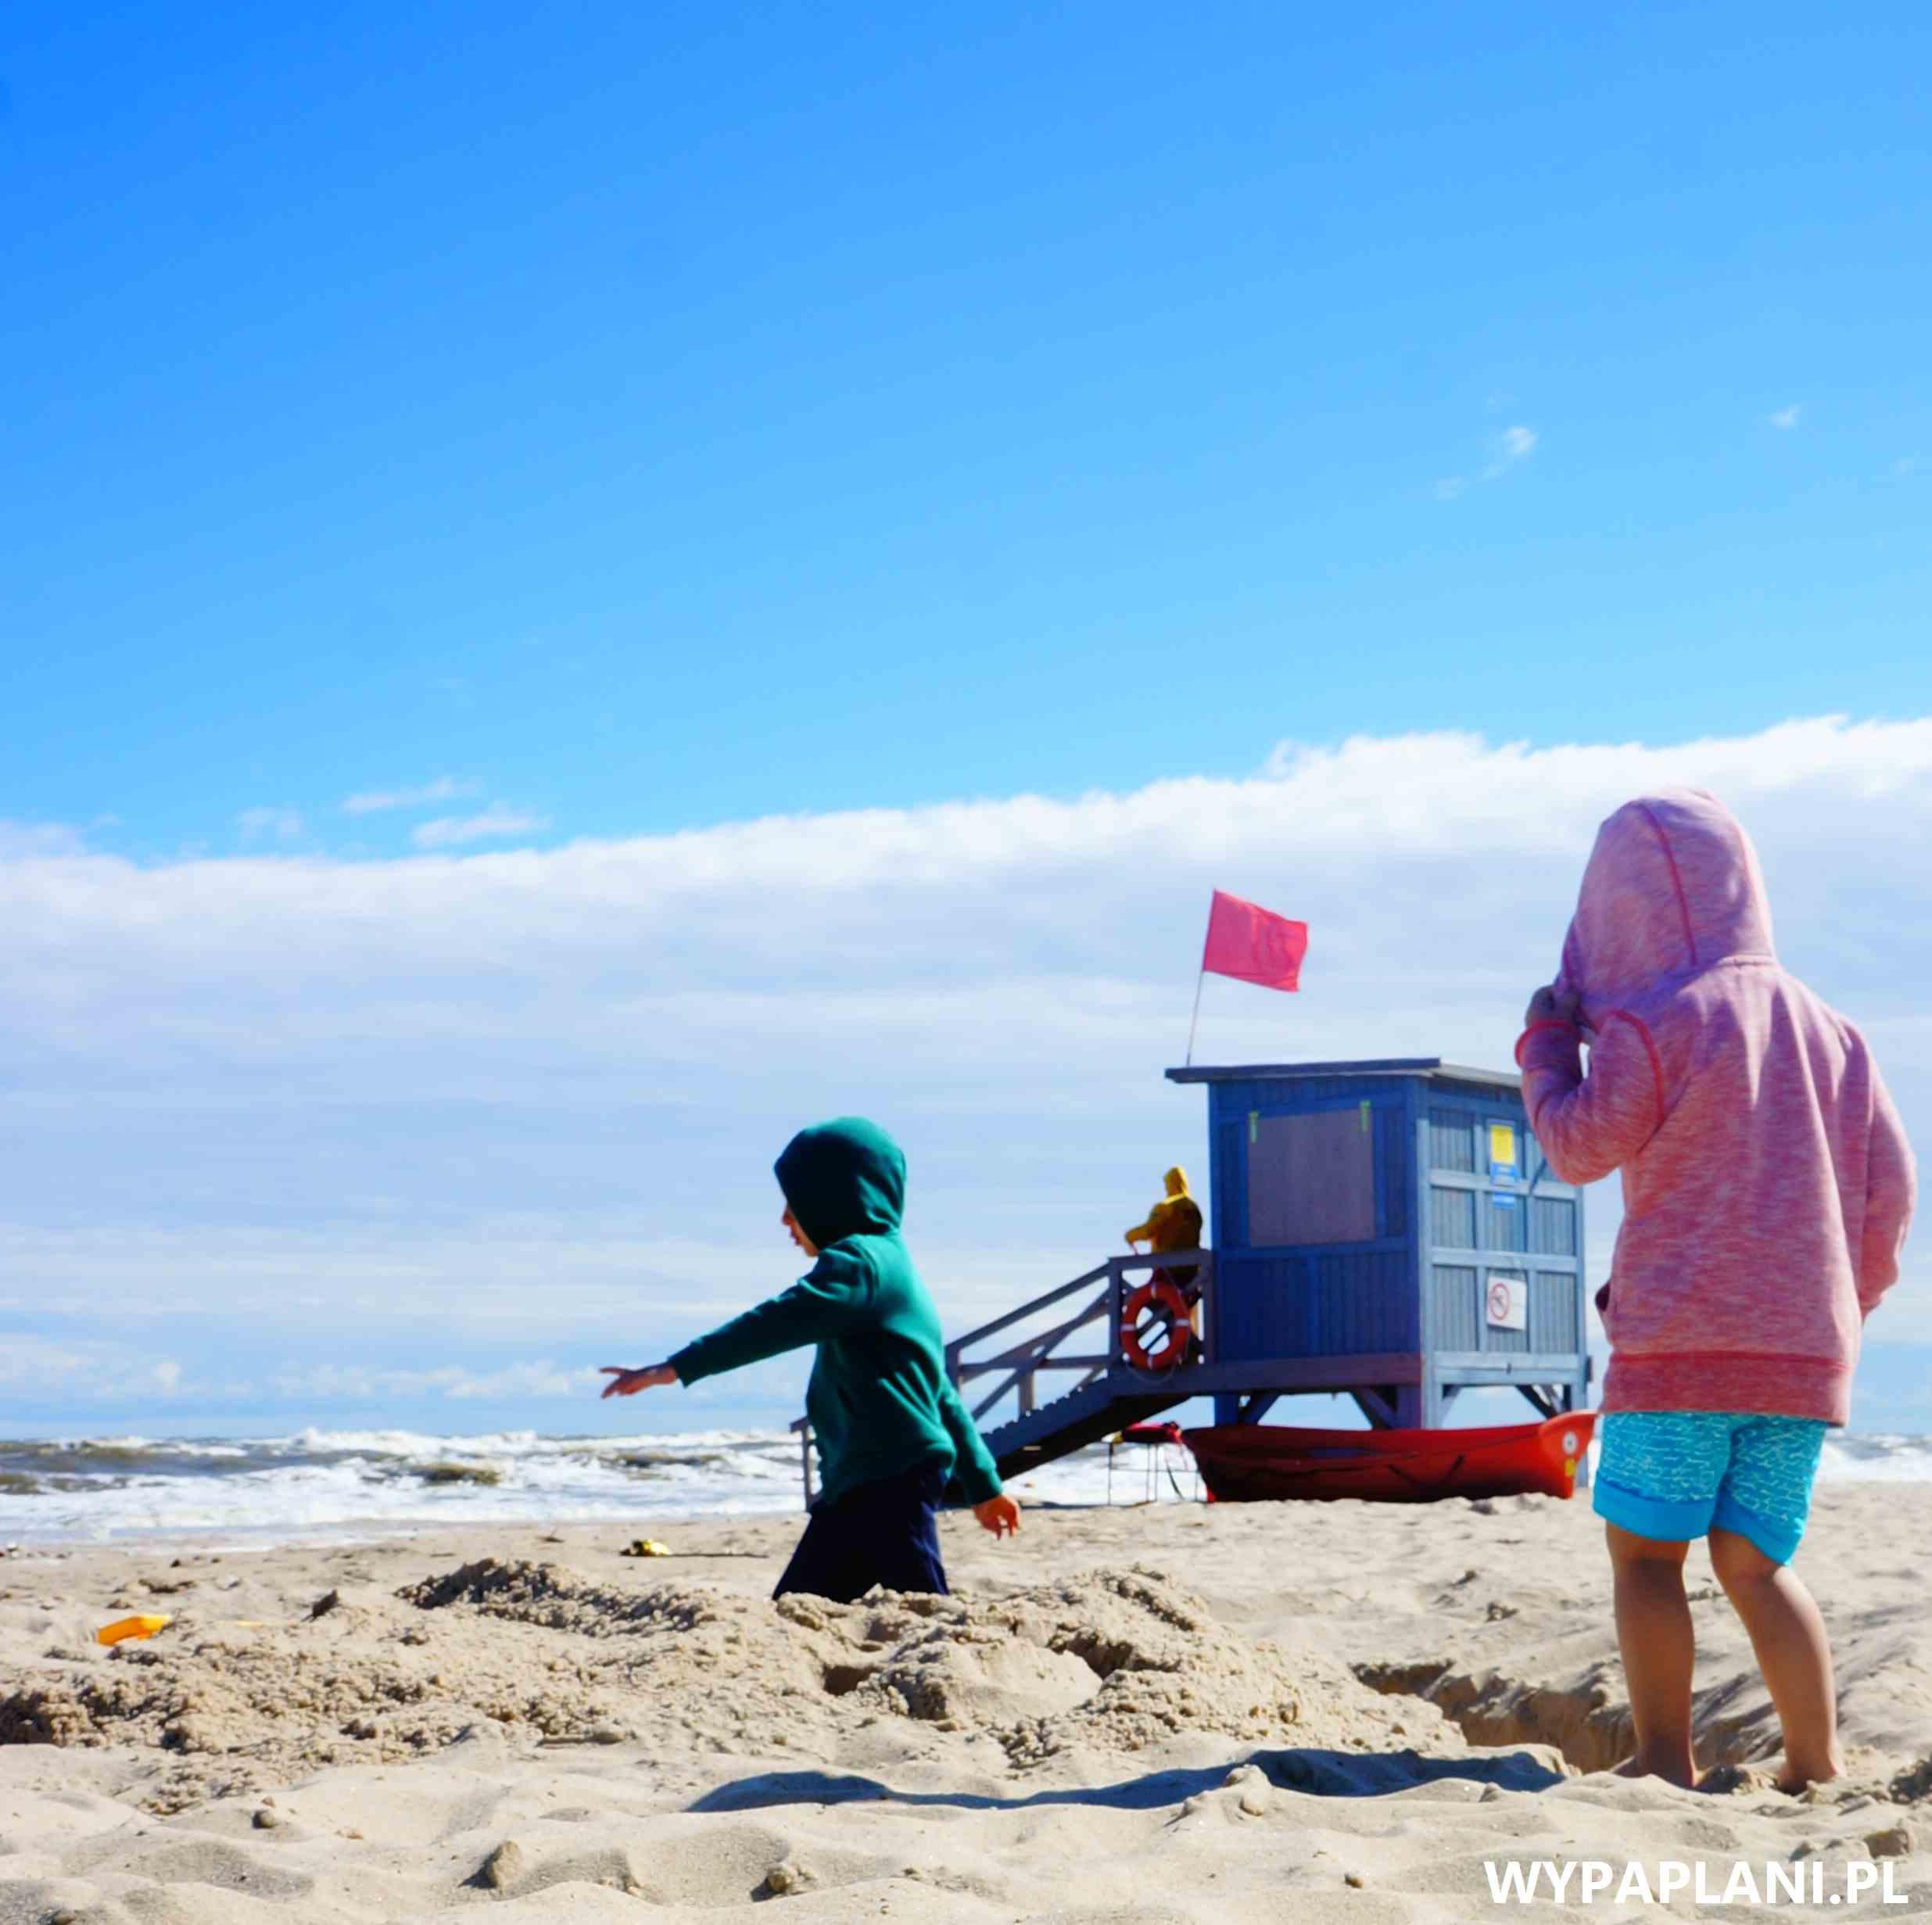 020_top zabawki do piasku piaskownicy na plażę